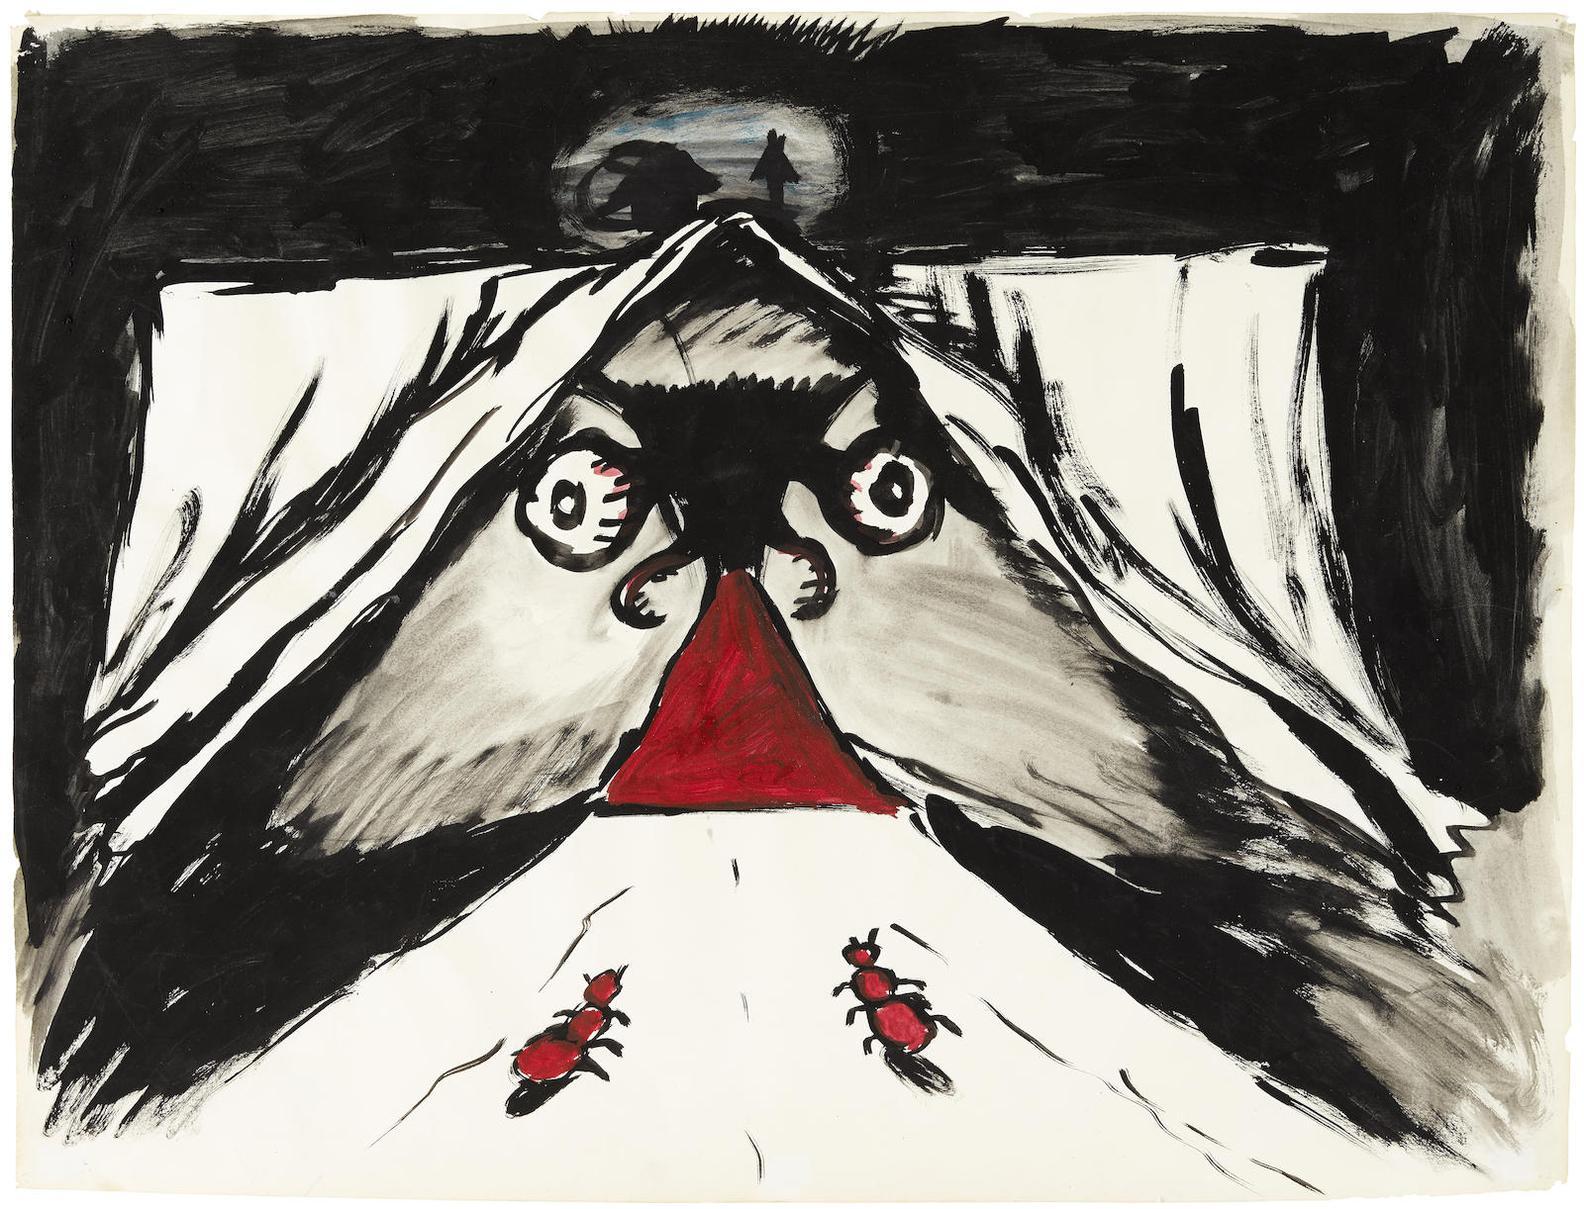 Mike Kelley-From Monkey Island (La Femme Fatale)-1982